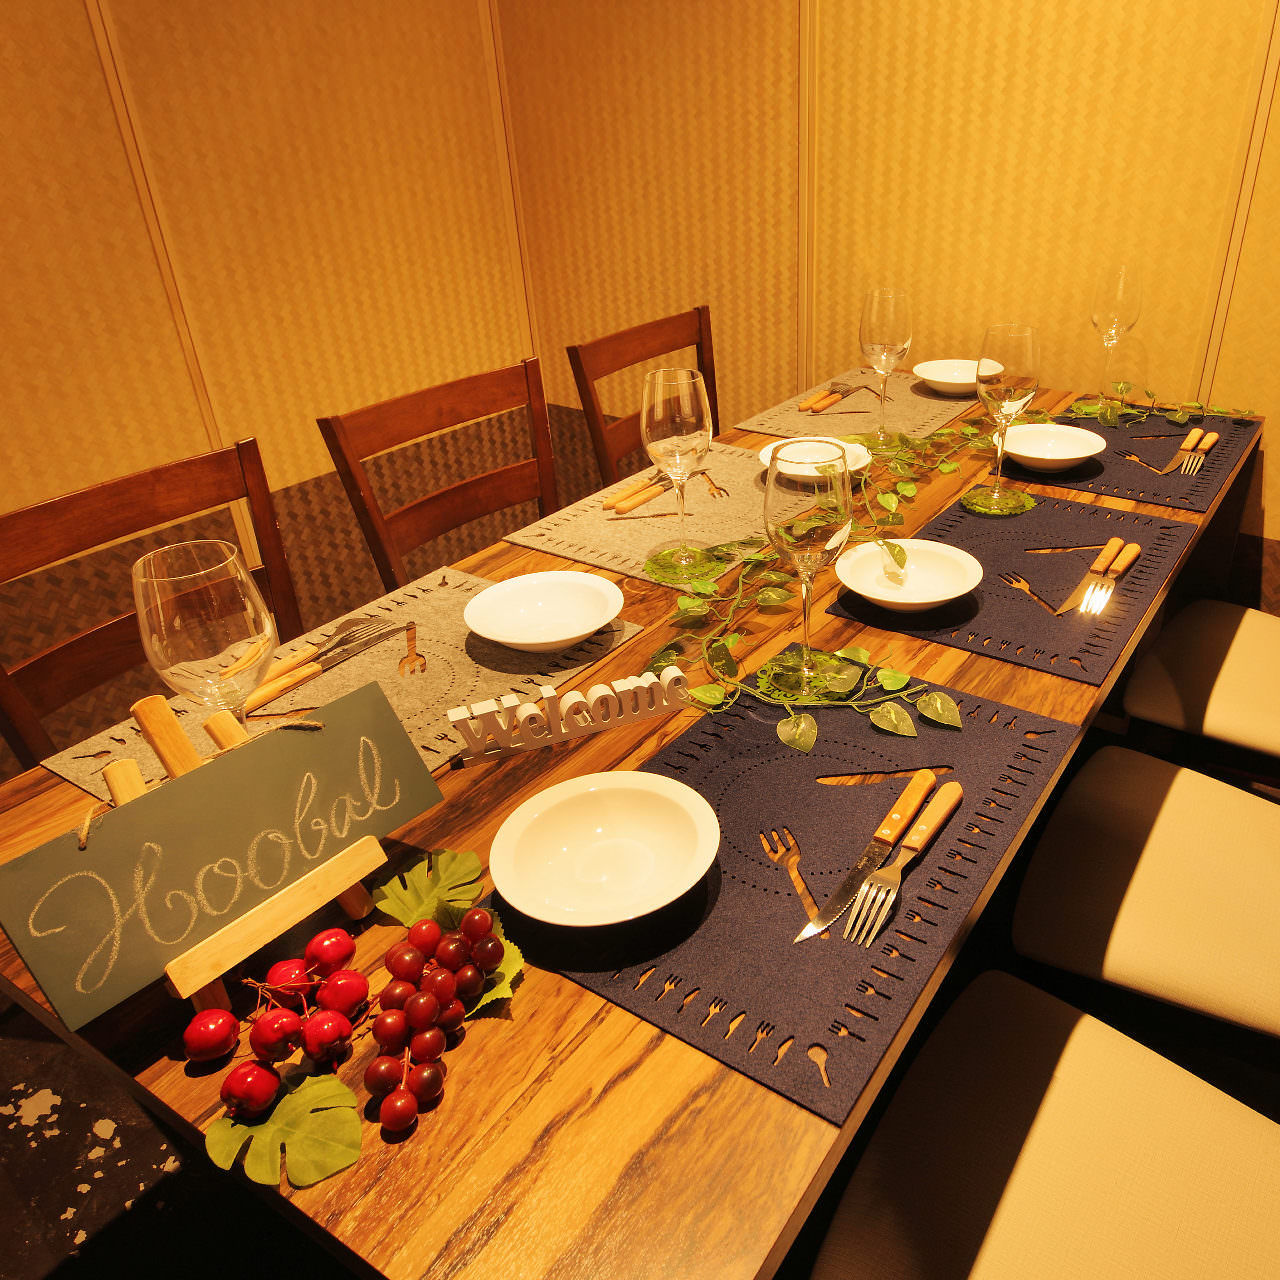 洋風で洒落たオシャレ空間でごゆっくりとご宴会を。